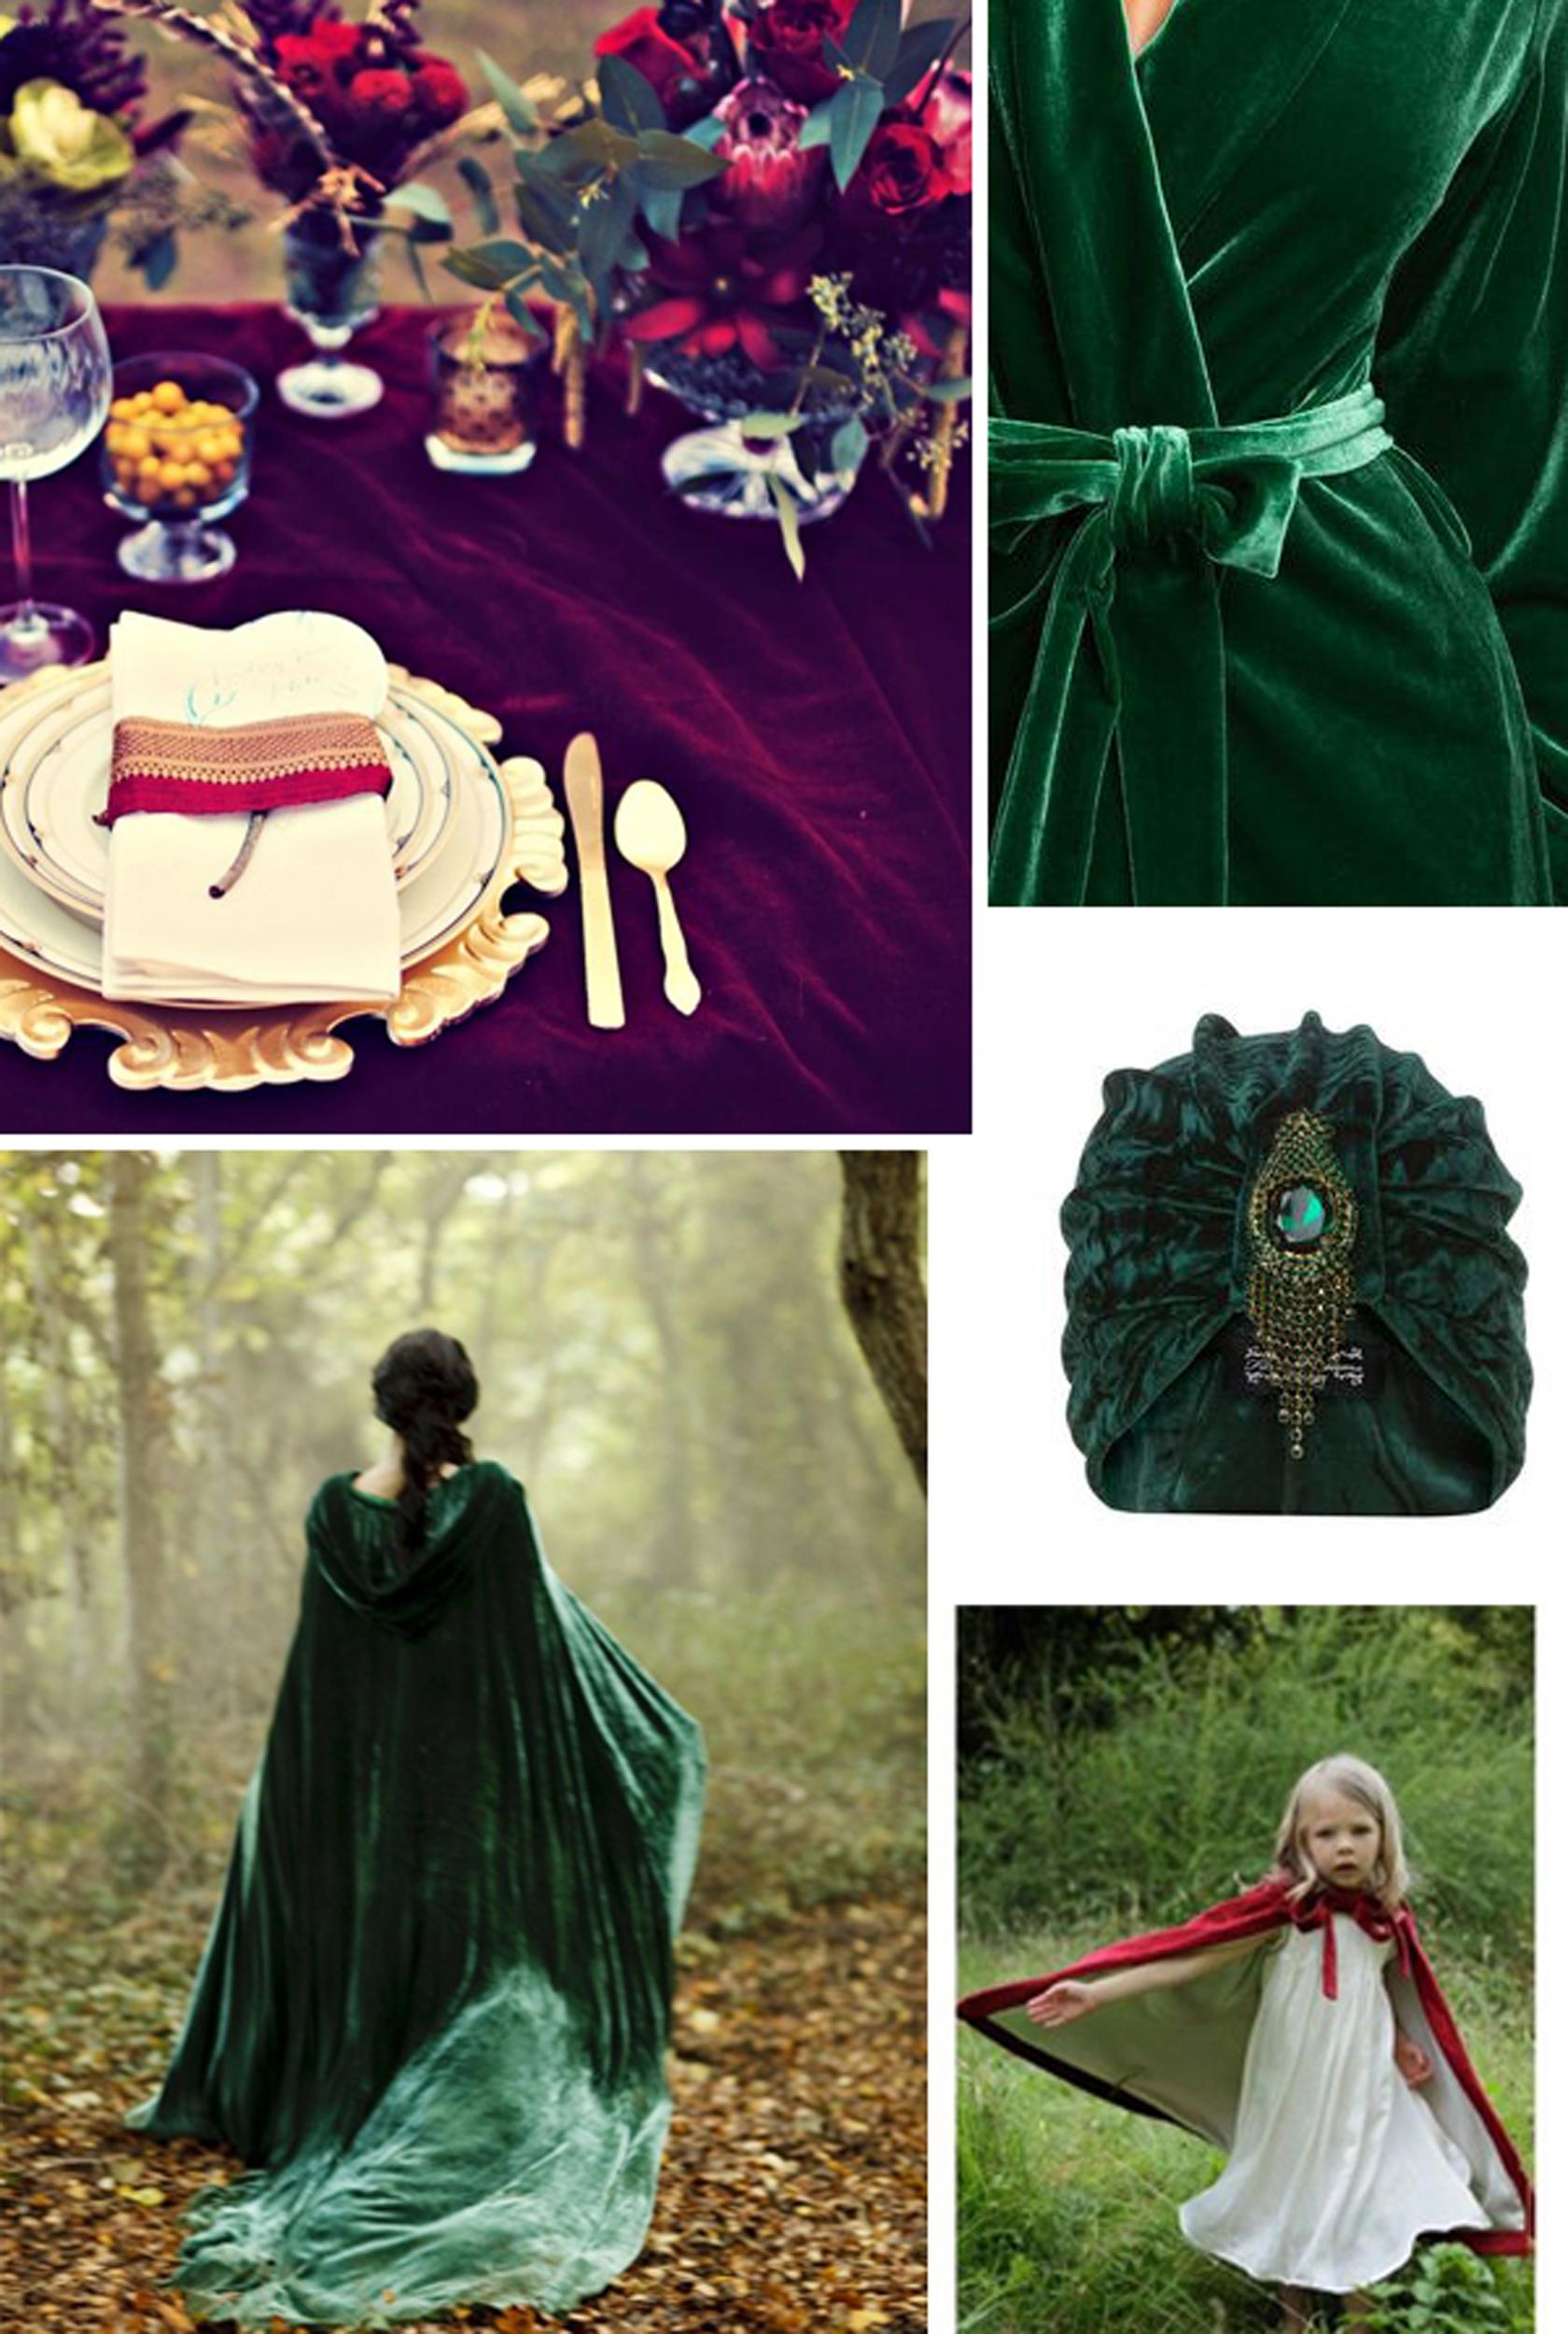 velvetinspiration_collage4